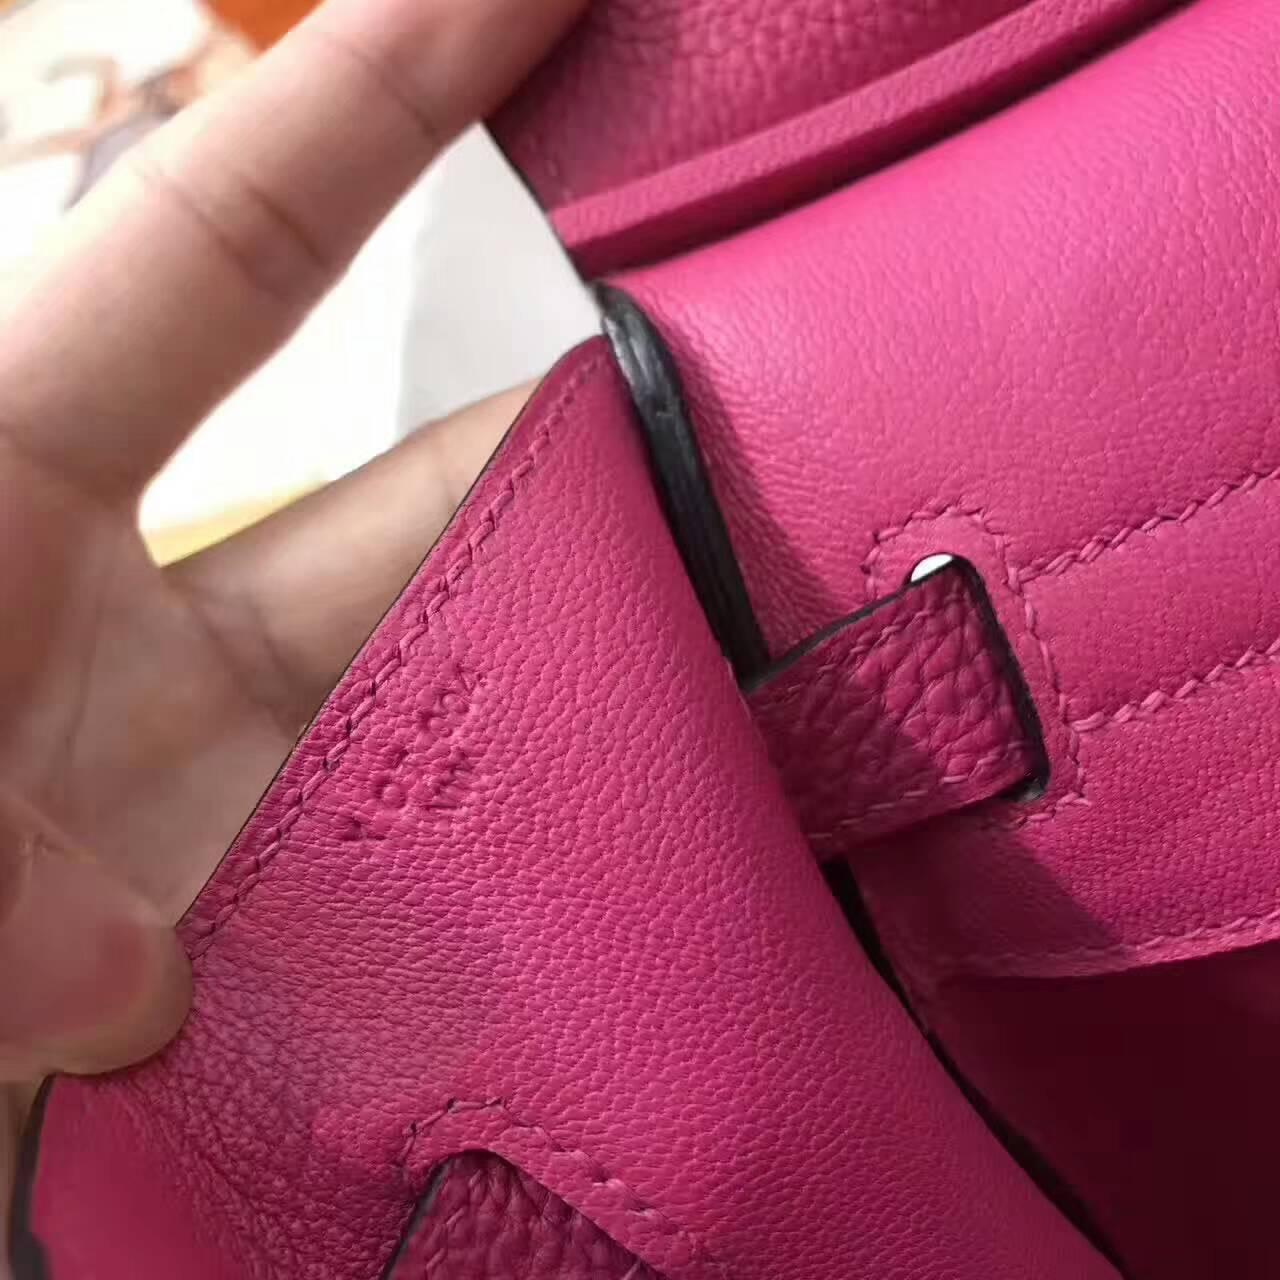 爱马仕铂金包 Birkin 30cm Togo 法国原产小牛皮 E5 Rose Tyrien 玫红 金扣